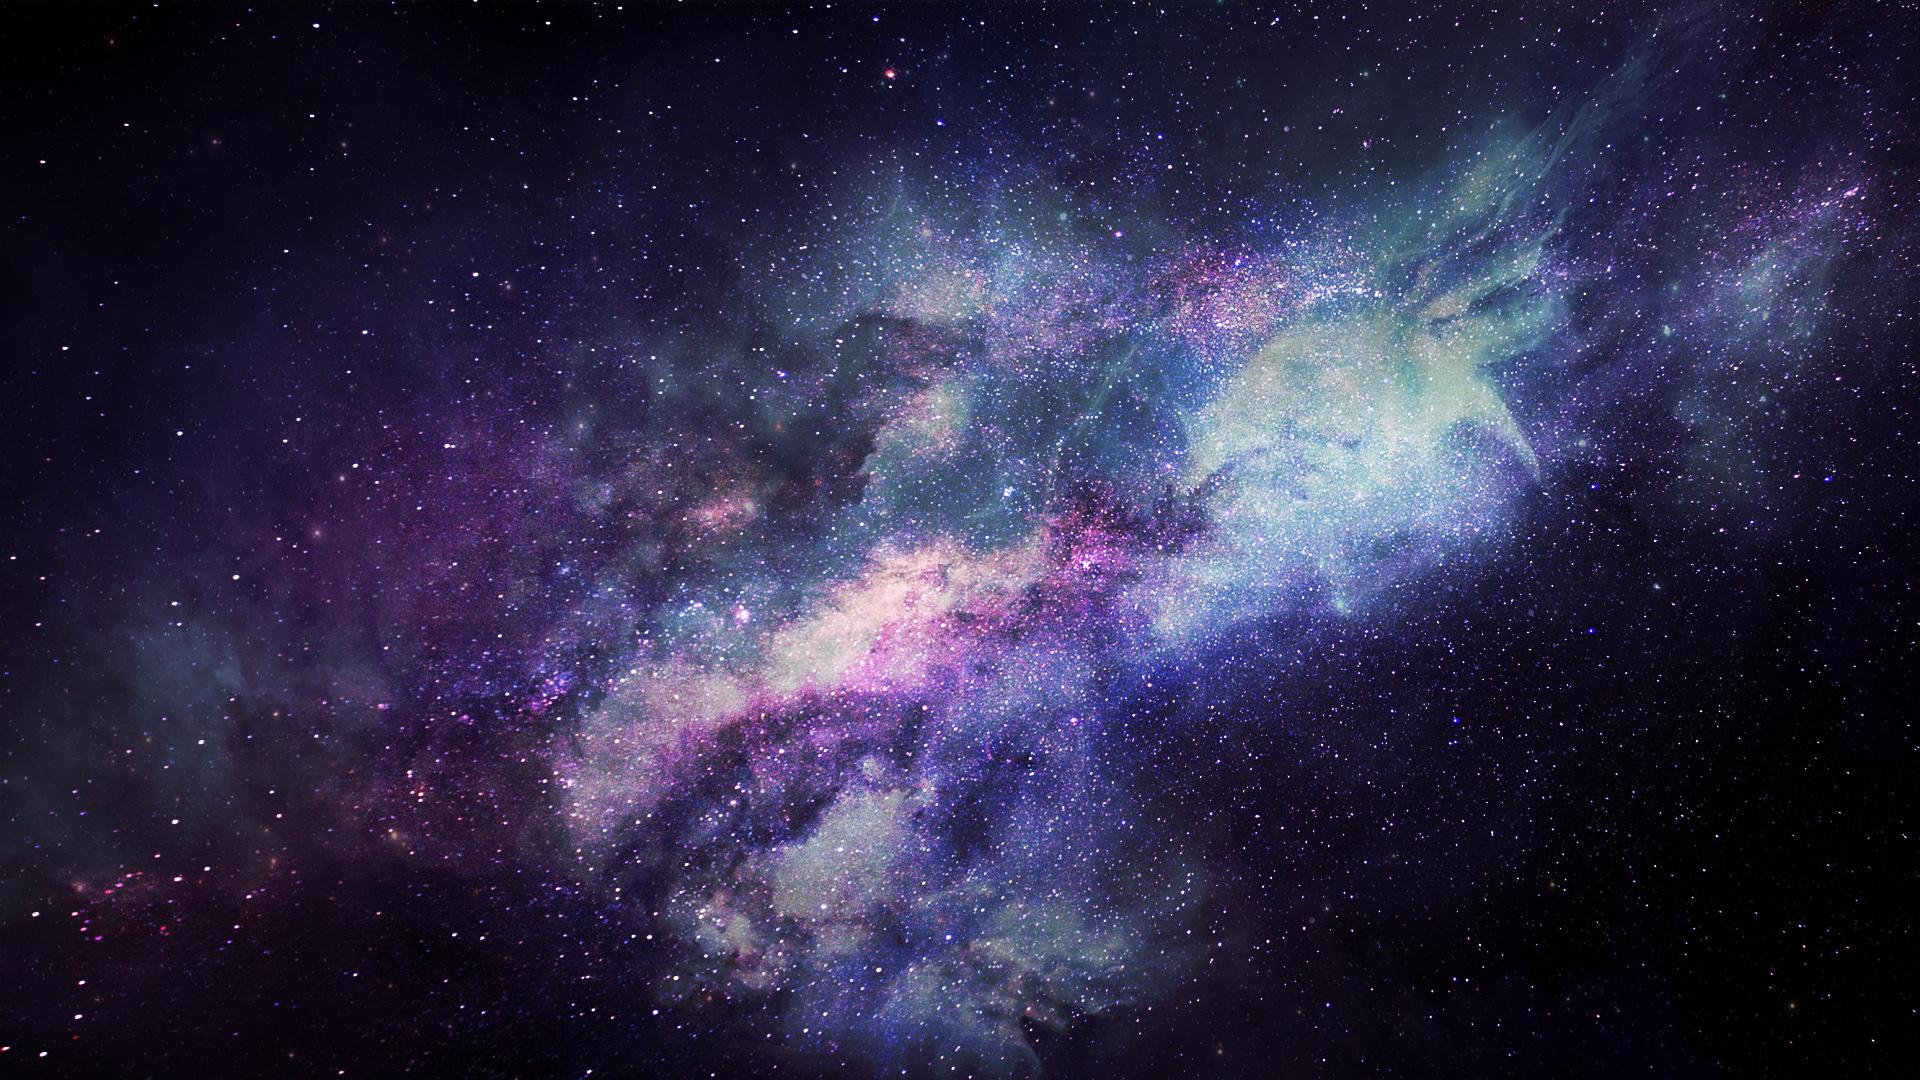 purple galaxy wallpaper 46002 47284 hd wallpapers